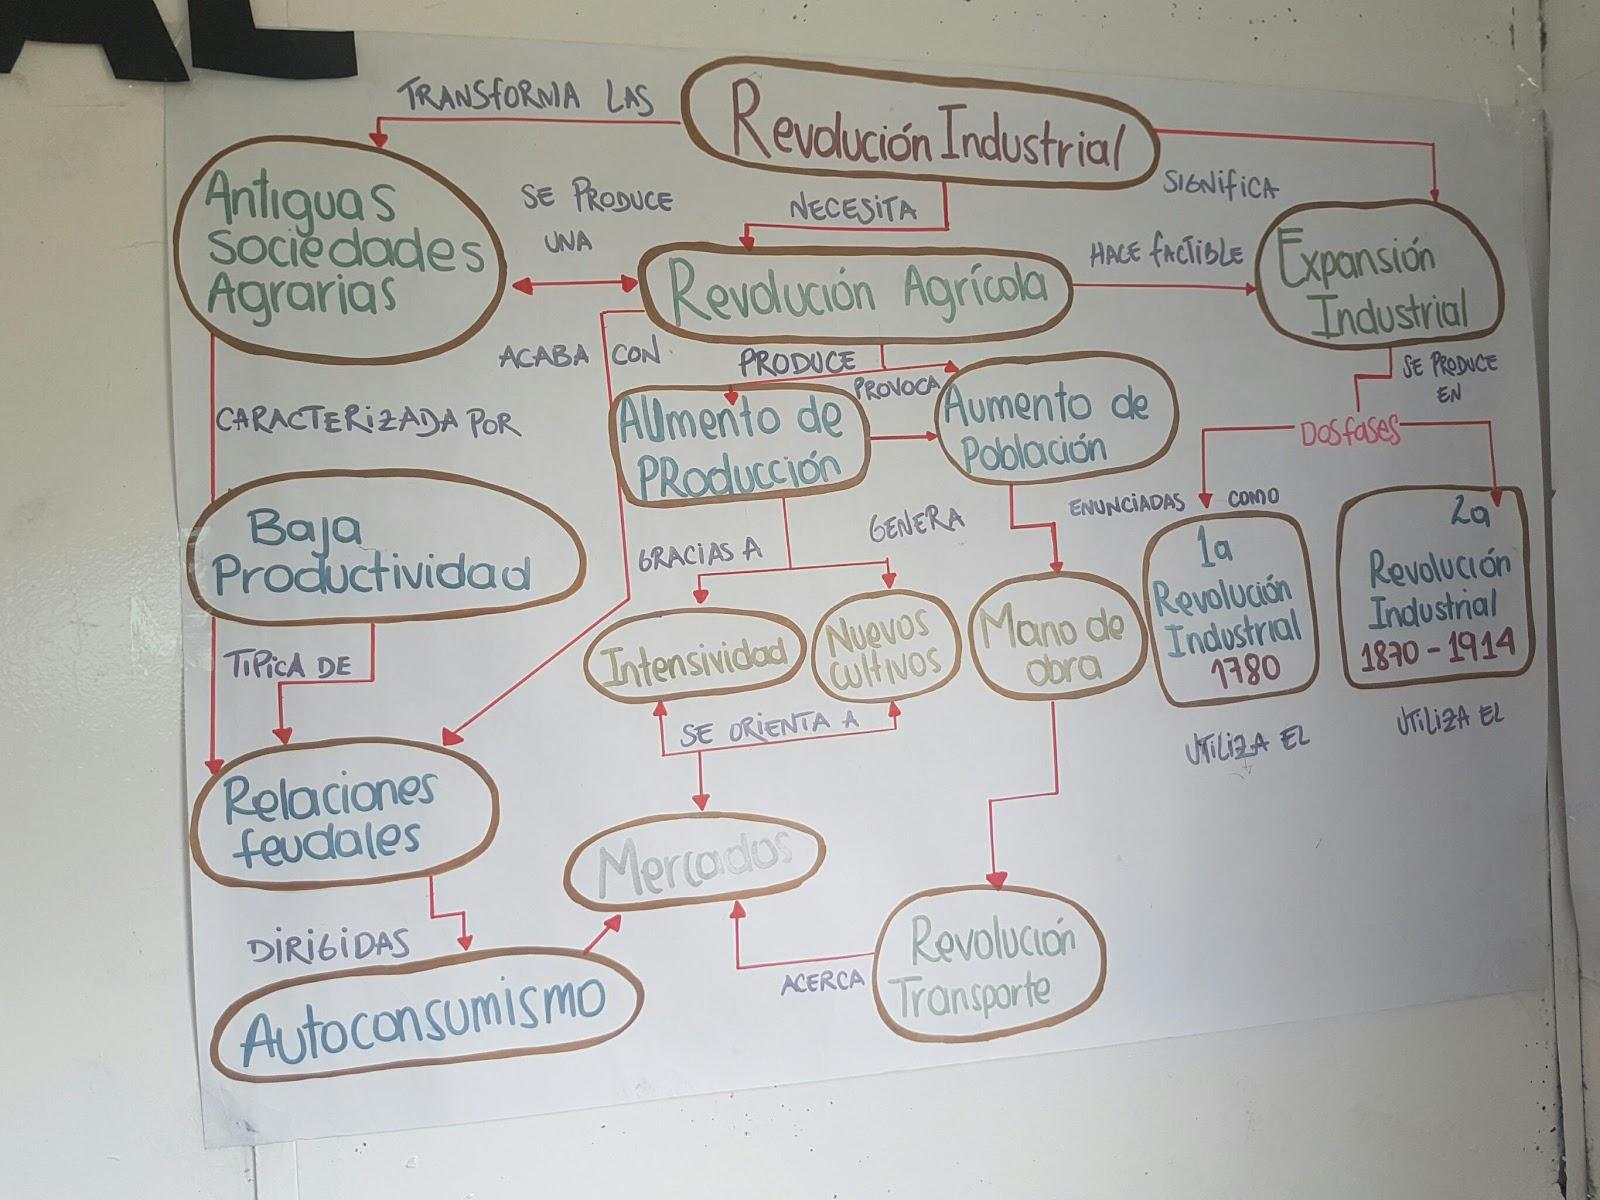 Revolucion industrial mapa conceptual de la